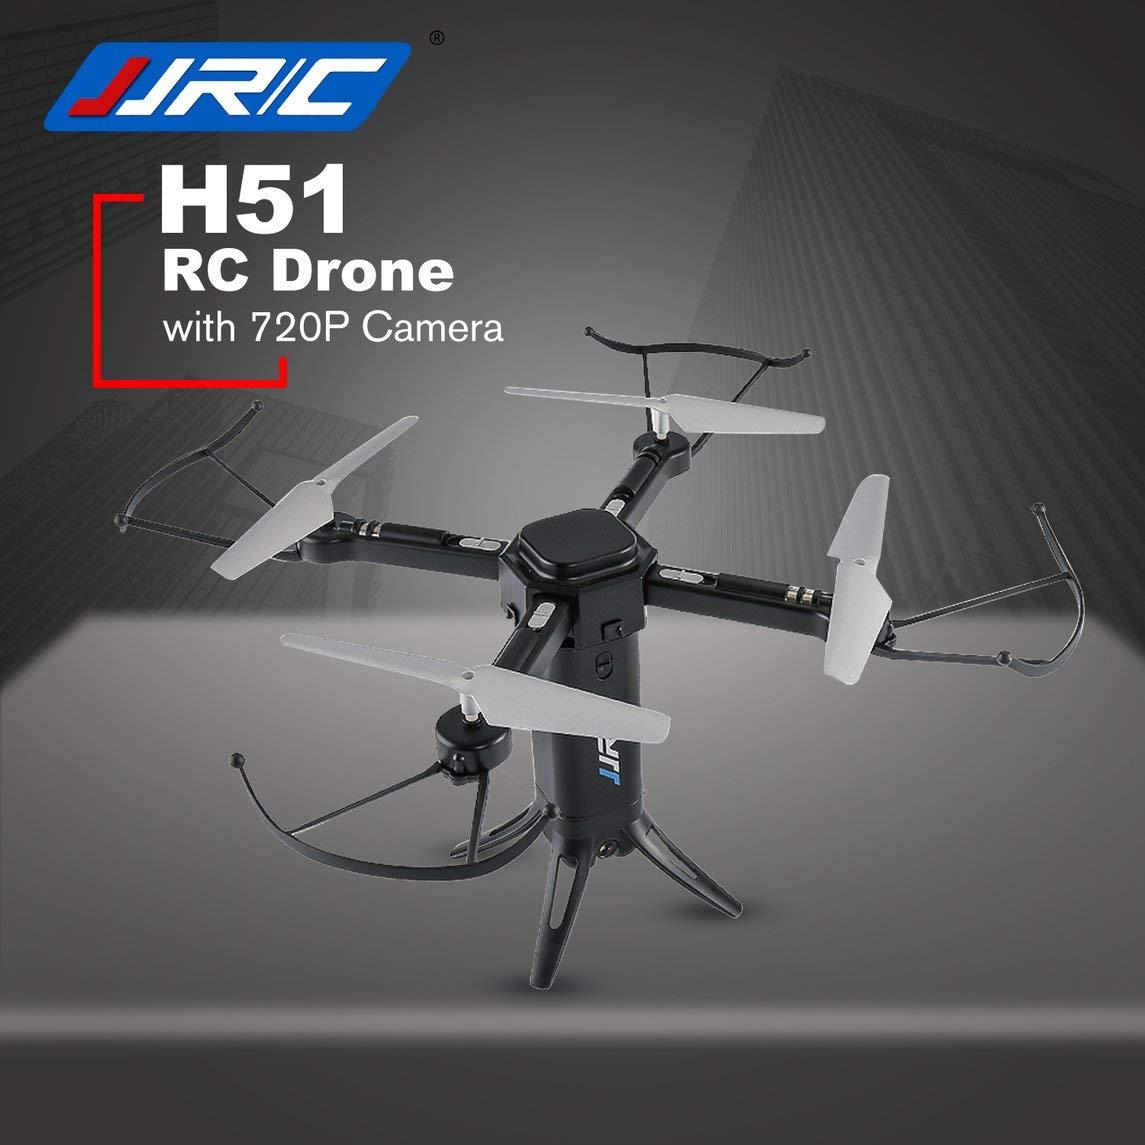 Footprintse dji Phantom 4 Quadcopter;Mini Quadcopter JJR/C H51 RC Helicóptero Similar a un Cohete WiFi 360 Elfie Drone 720P RC Quadcopter-Color: Negro